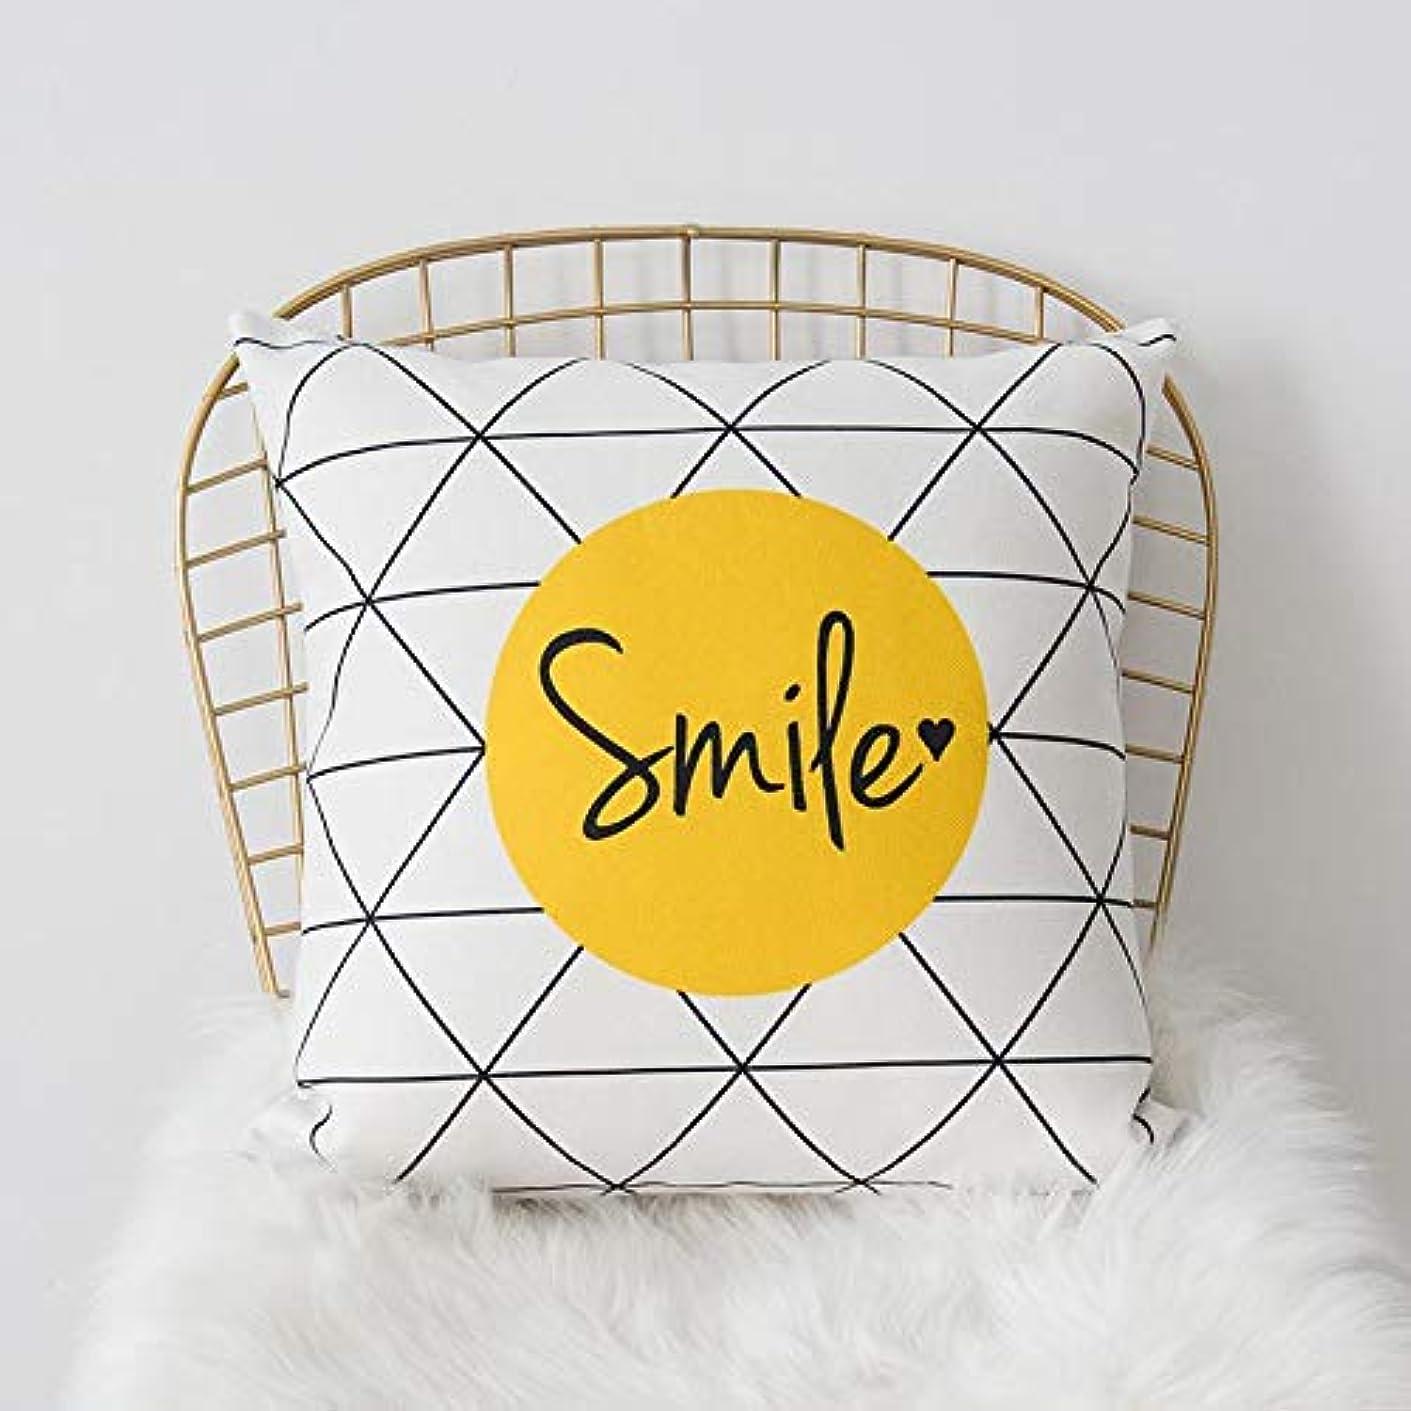 矛盾西部合図SMART 黄色グレー枕北欧スタイル黄色ヘラジカ幾何枕リビングルームのインテリアソファクッション Cojines 装飾良質 クッション 椅子